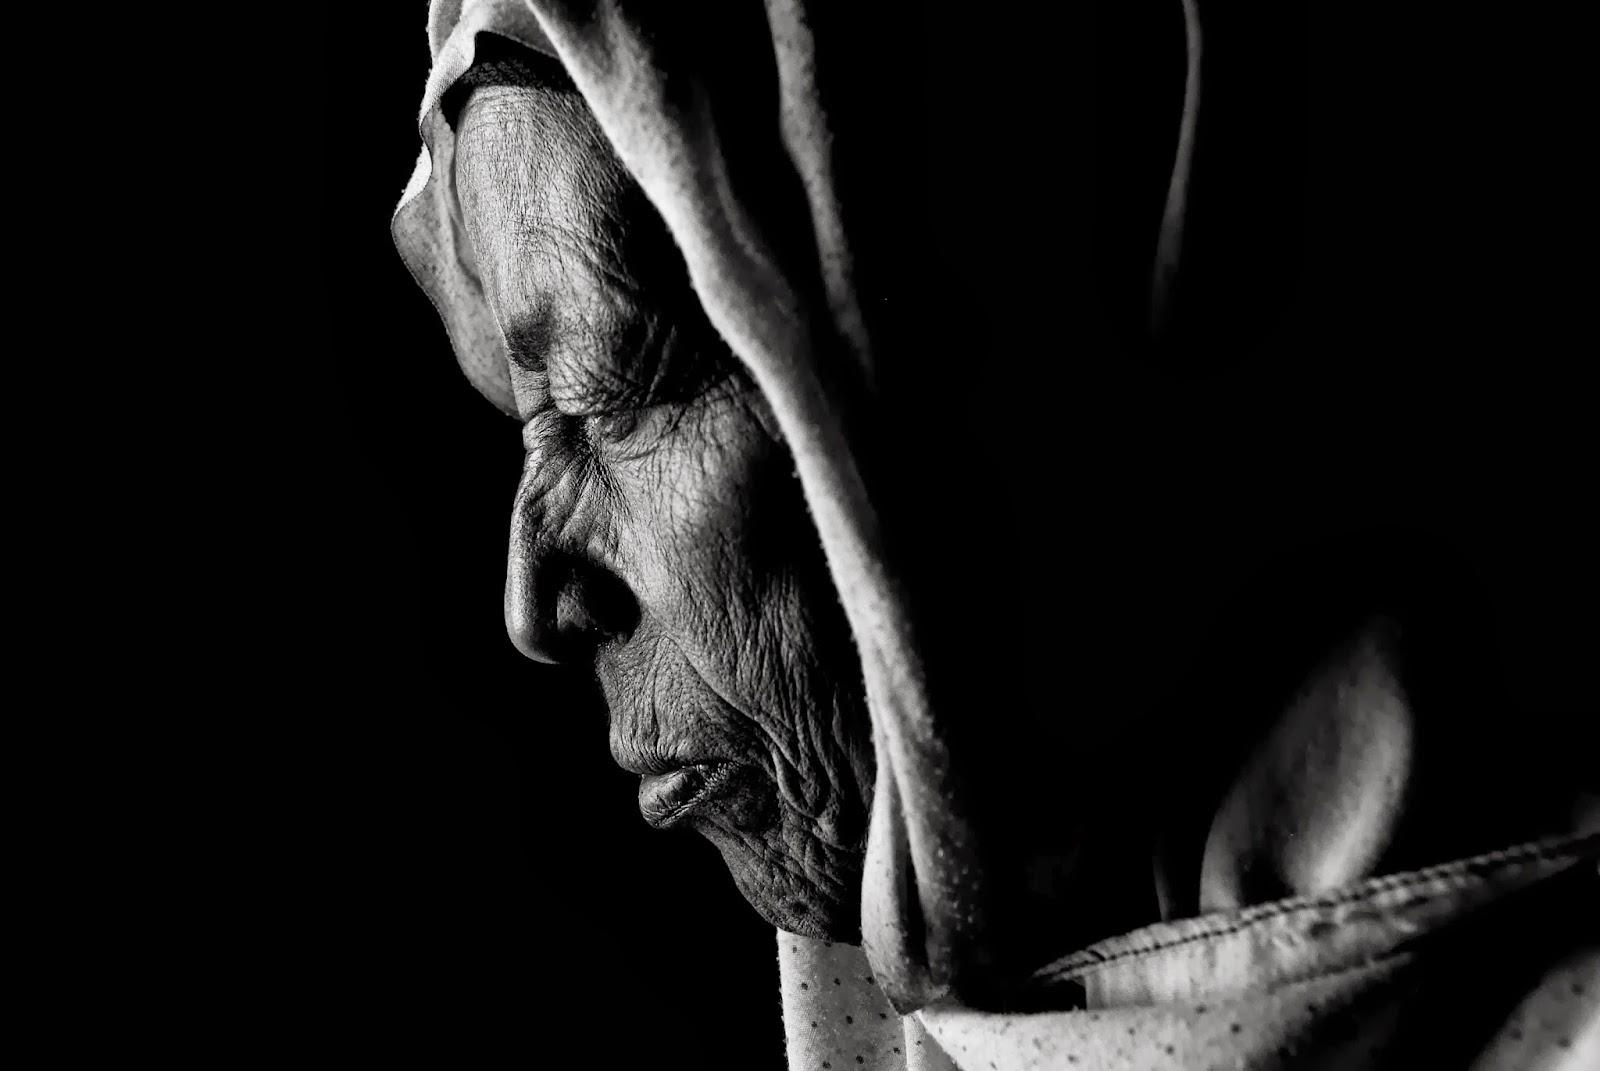 Aida Muluneh: Ethiopia.